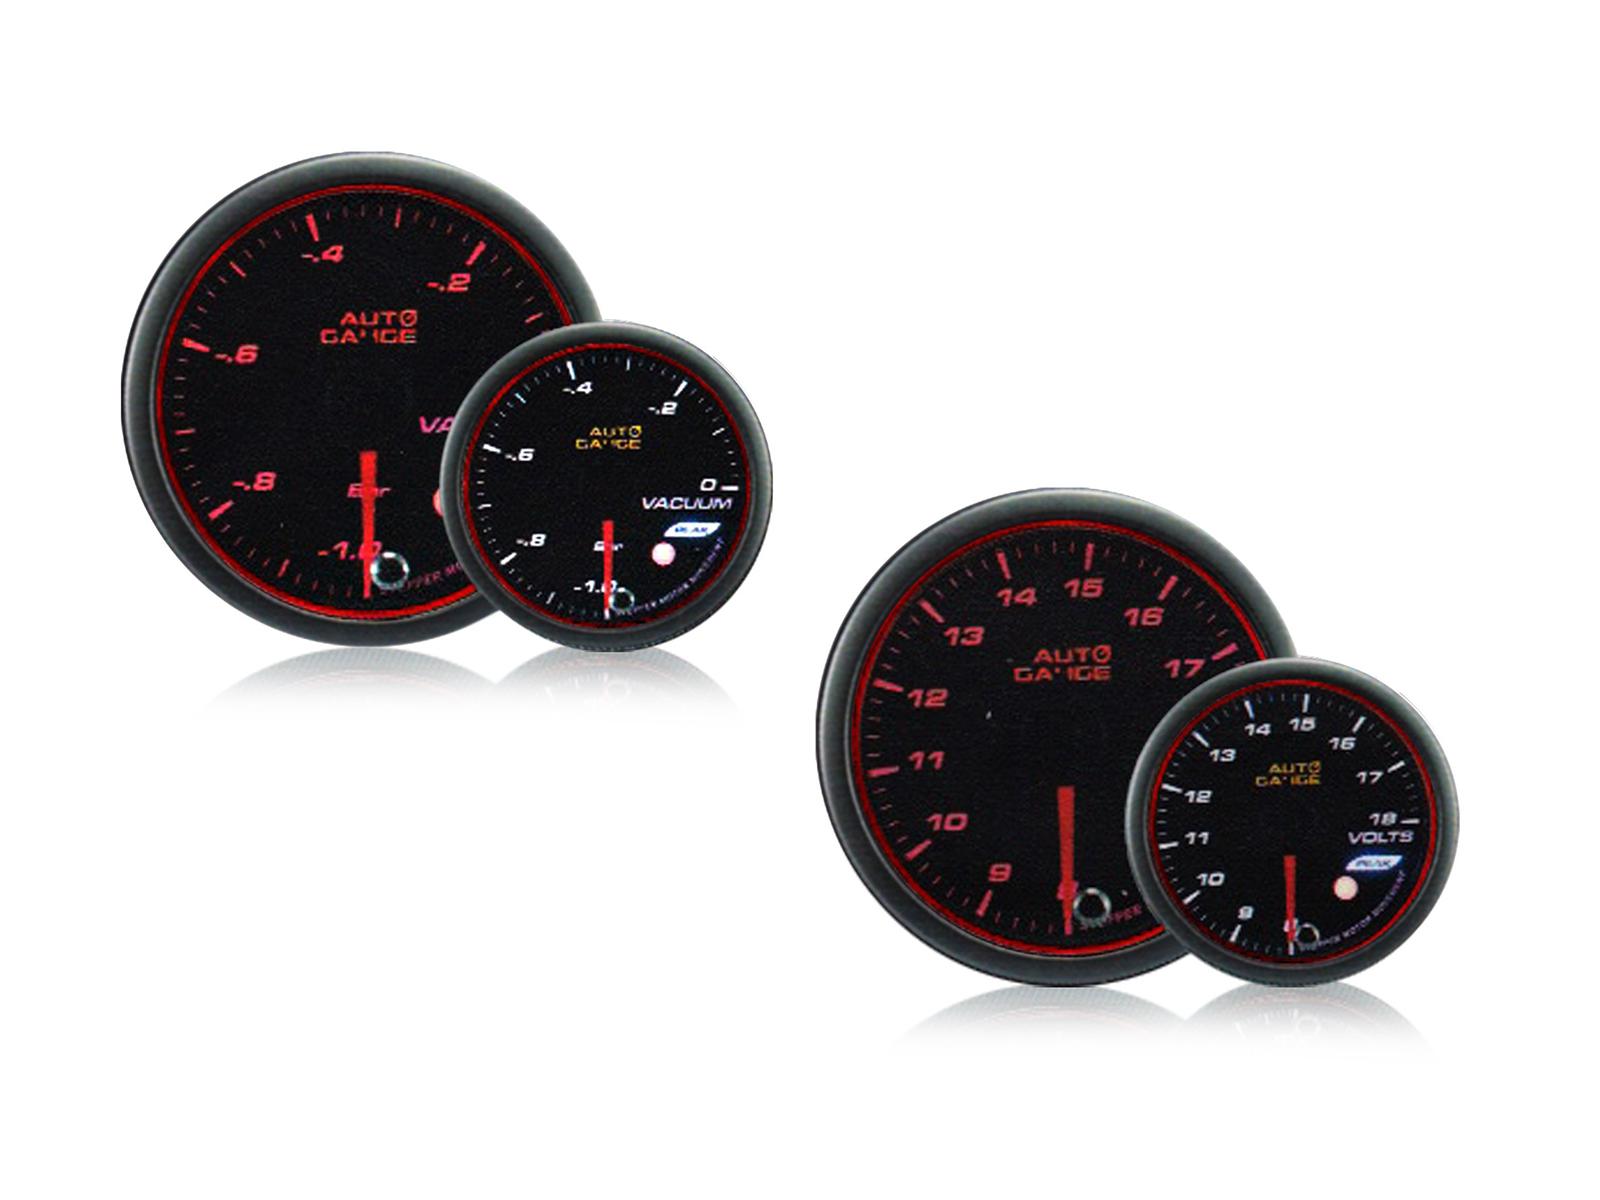 オートゲージ バキューム計 電圧計 2点セット S660 S2000 シビック タイプR スイフトスポーツ ロードスター BR-Z 86 コペン 無料サンプルOK CR-Z 548 スモークレンズ MINI 548VA60 548VO60 フェアレディ 2連メーター D NA車 当店は最高な サービスを提供します Z 60mm ピークホールド機能付 送料無料 60Φ